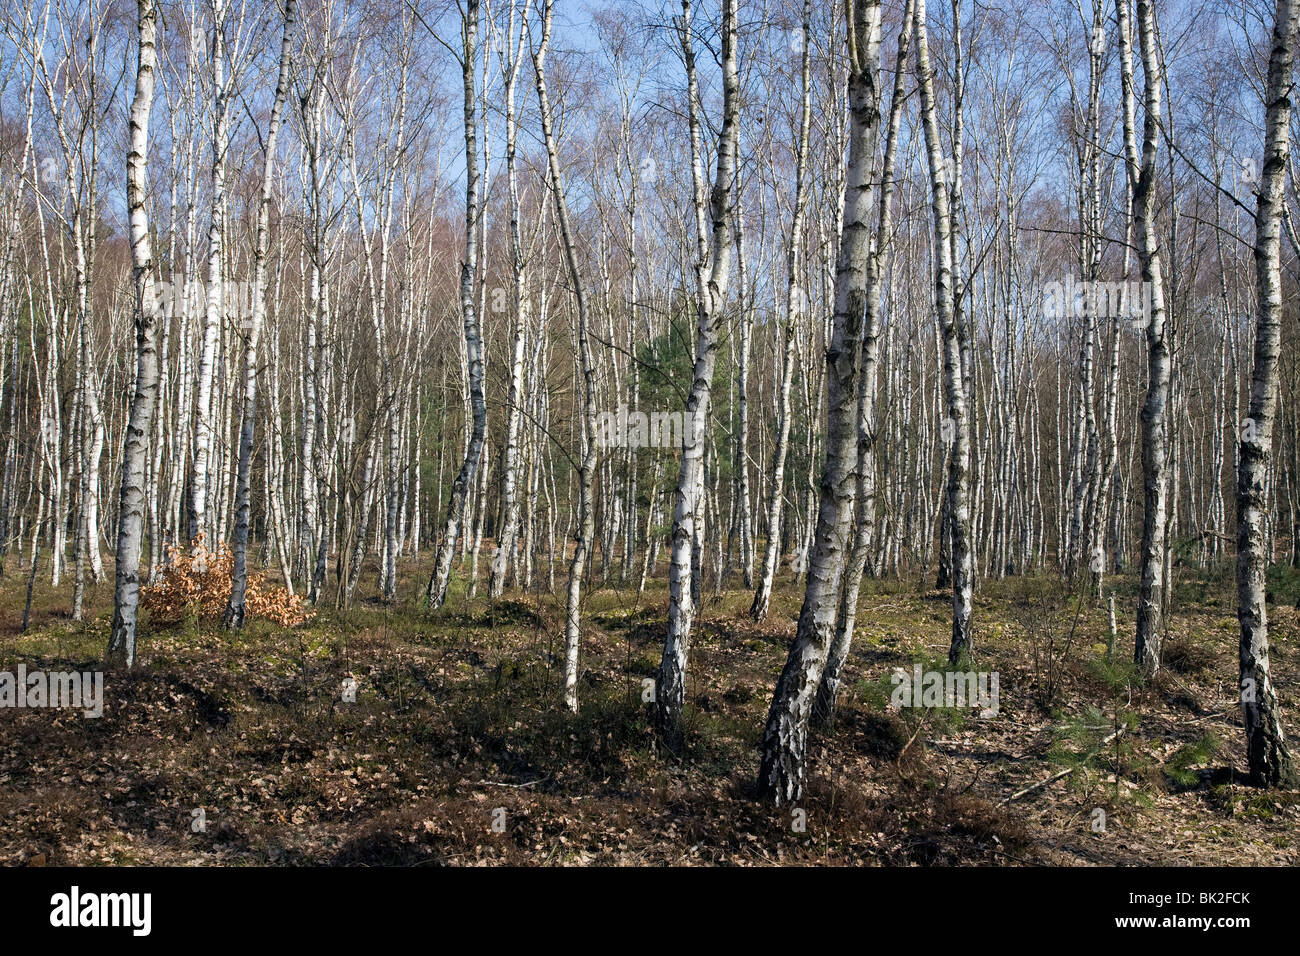 Silver Birch Bäume in der Nähe von Funksendestelle, Barnim, Brandenburg, Deutschland Stockbild